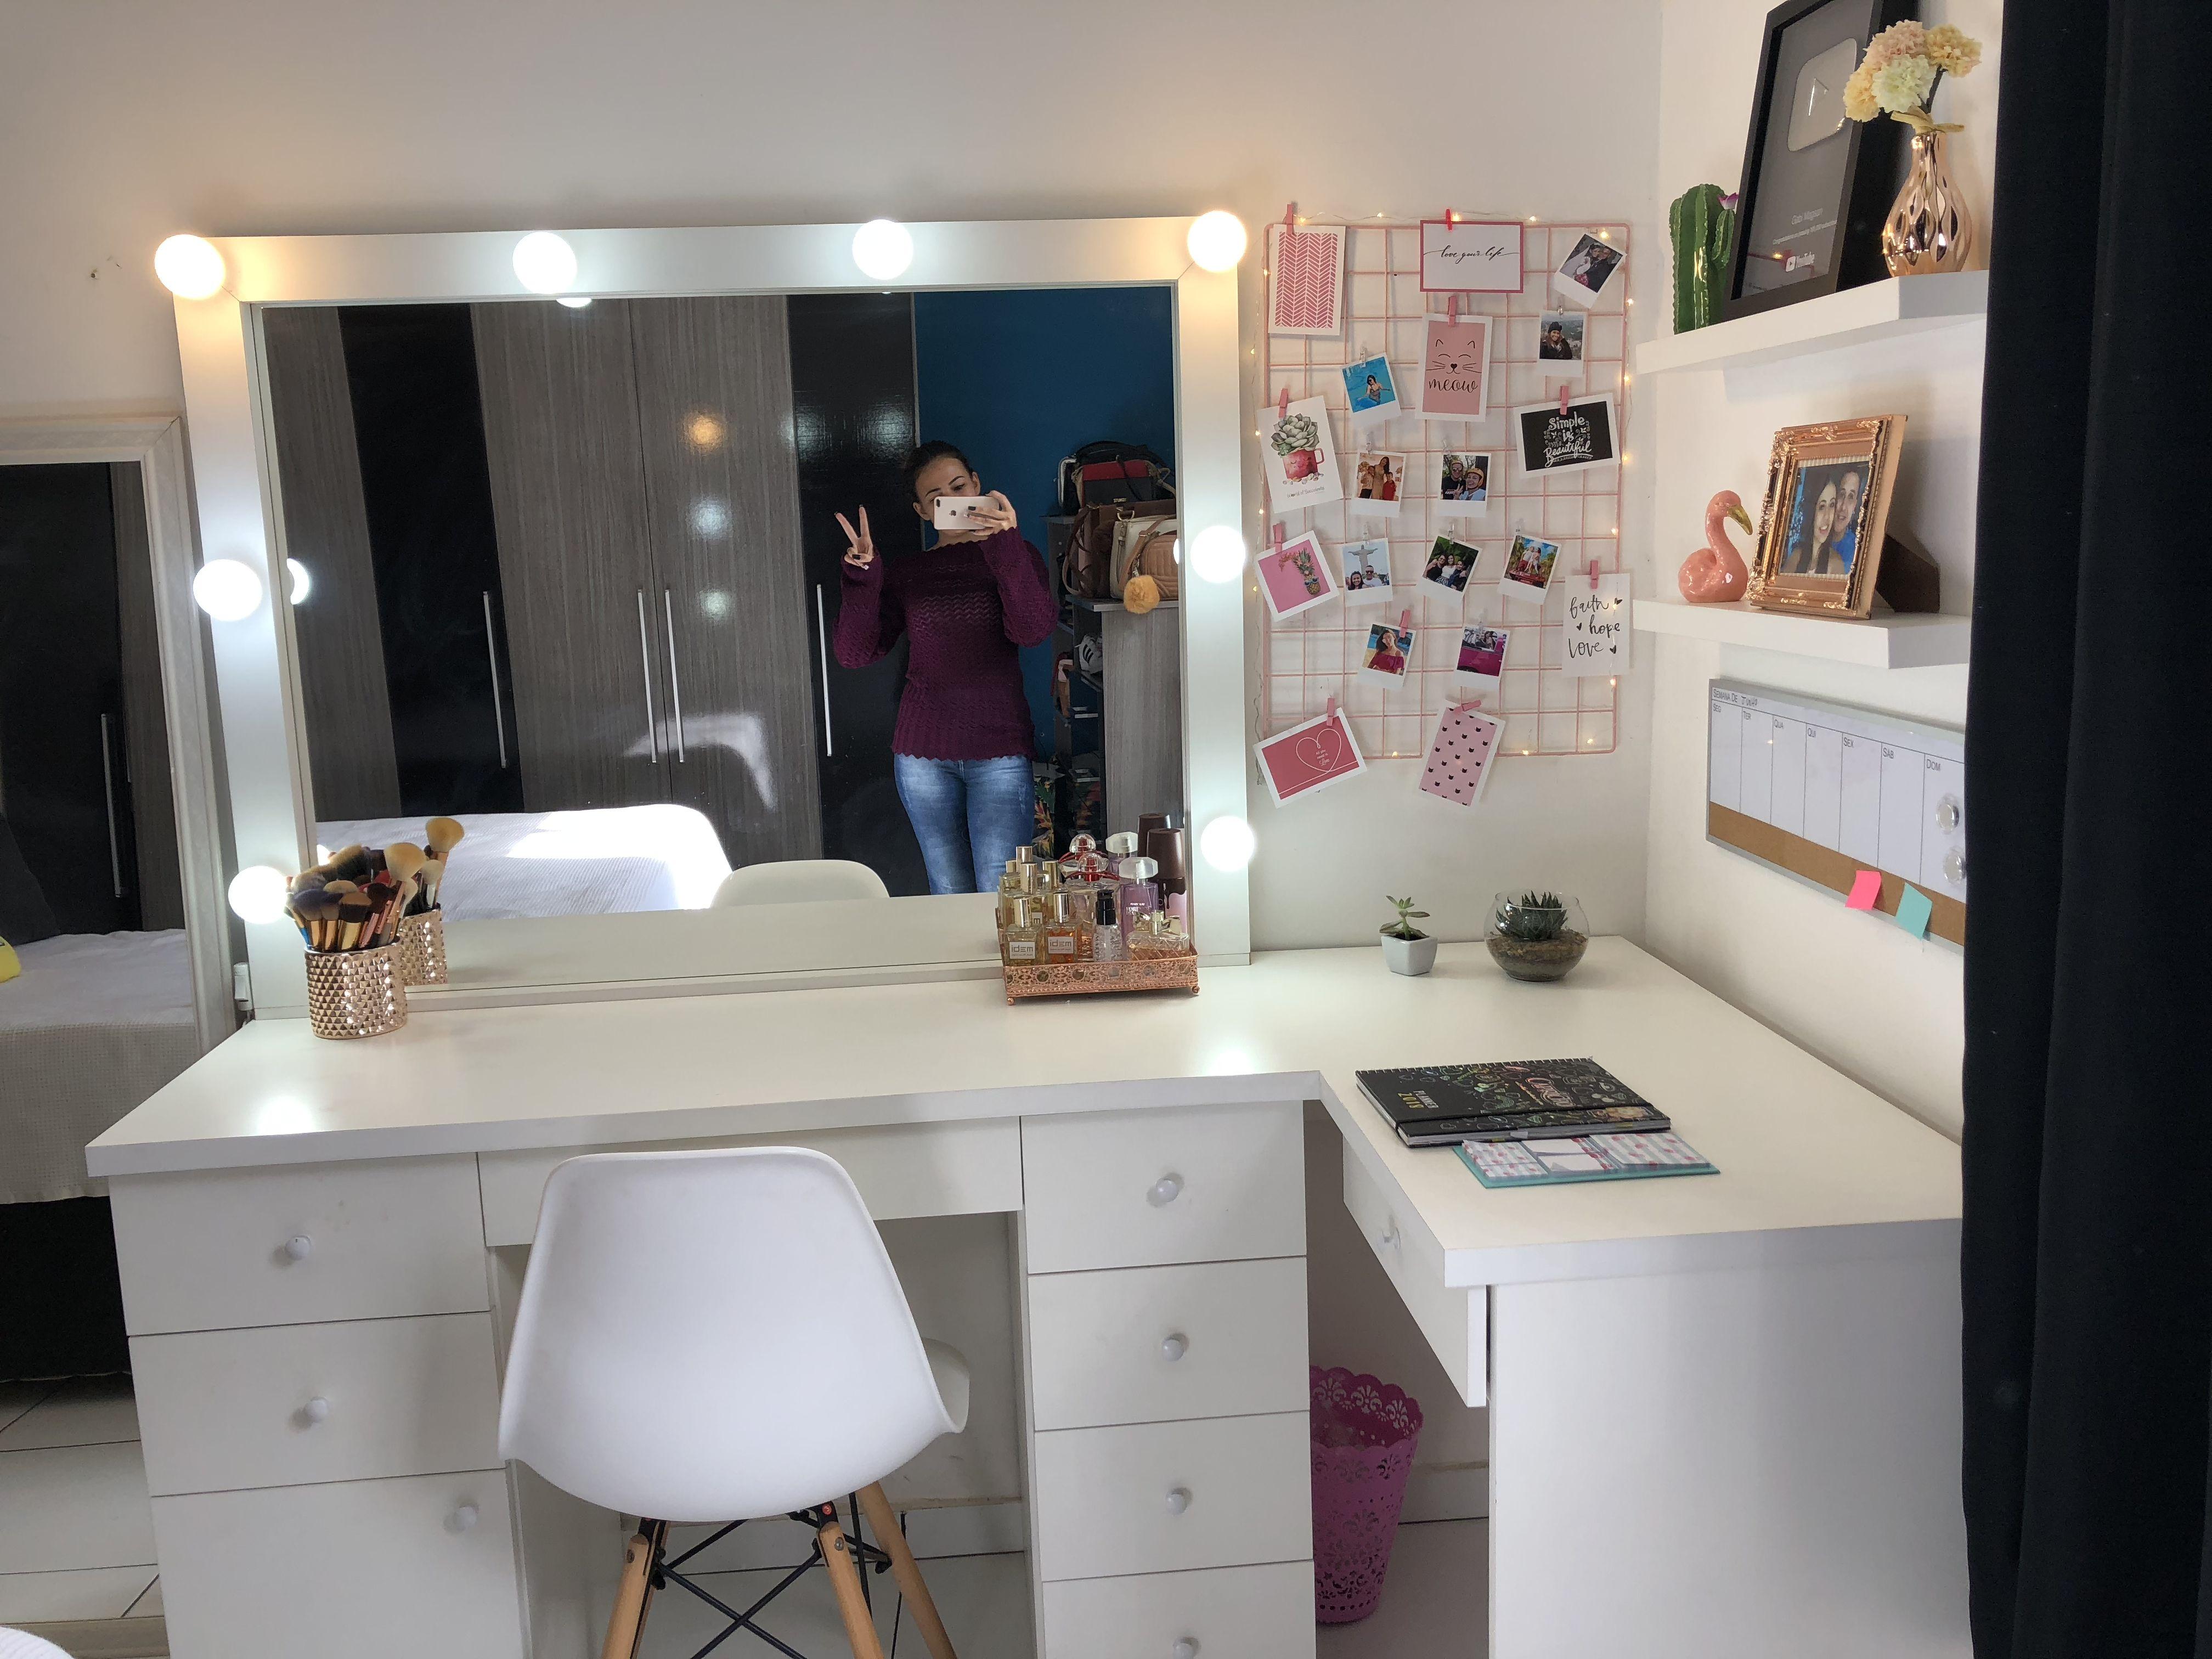 Pin De Yarlenis Martes Em Habitacion Em 2020 Decoracao Quarto E Sala Decoracao Do Dormitorio Diy Decoracao Quarto Pequeno